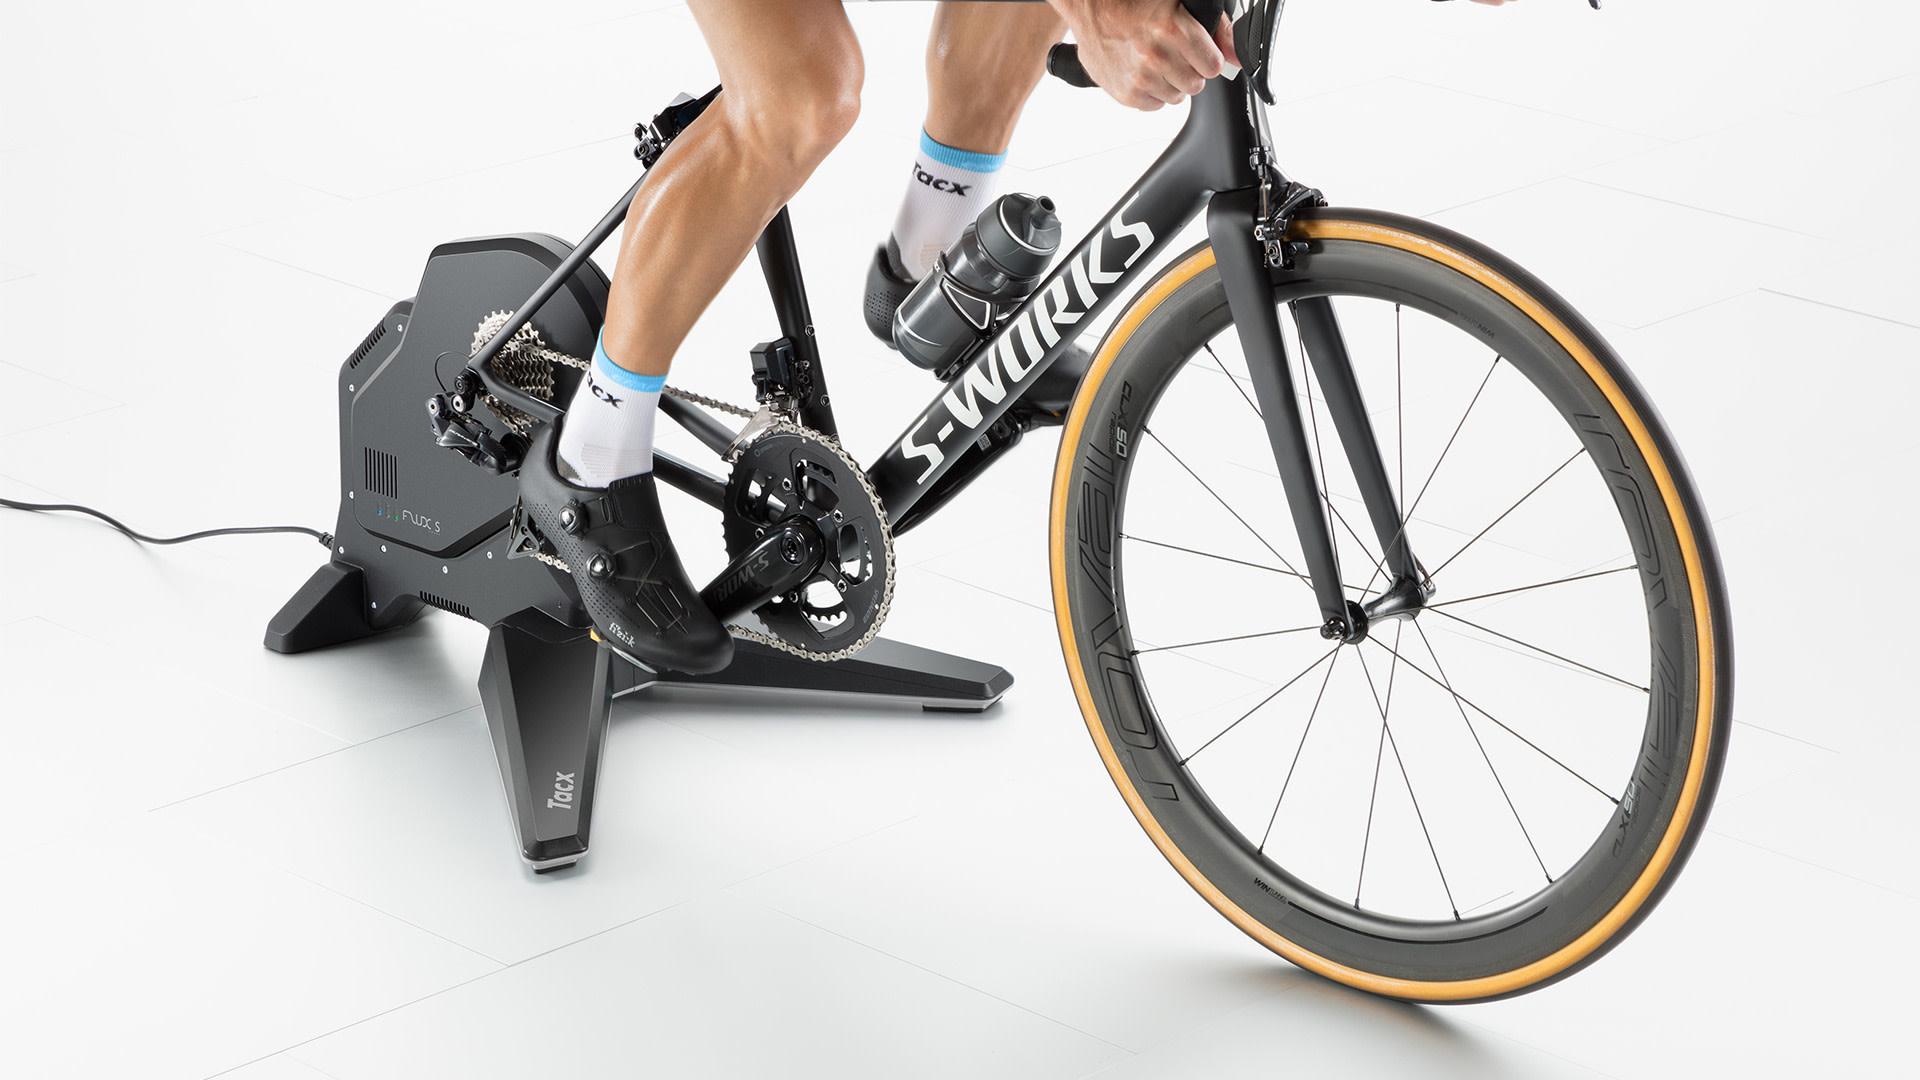 TACX Base d'entrainement Flux S Smart - Laferté Bicycles